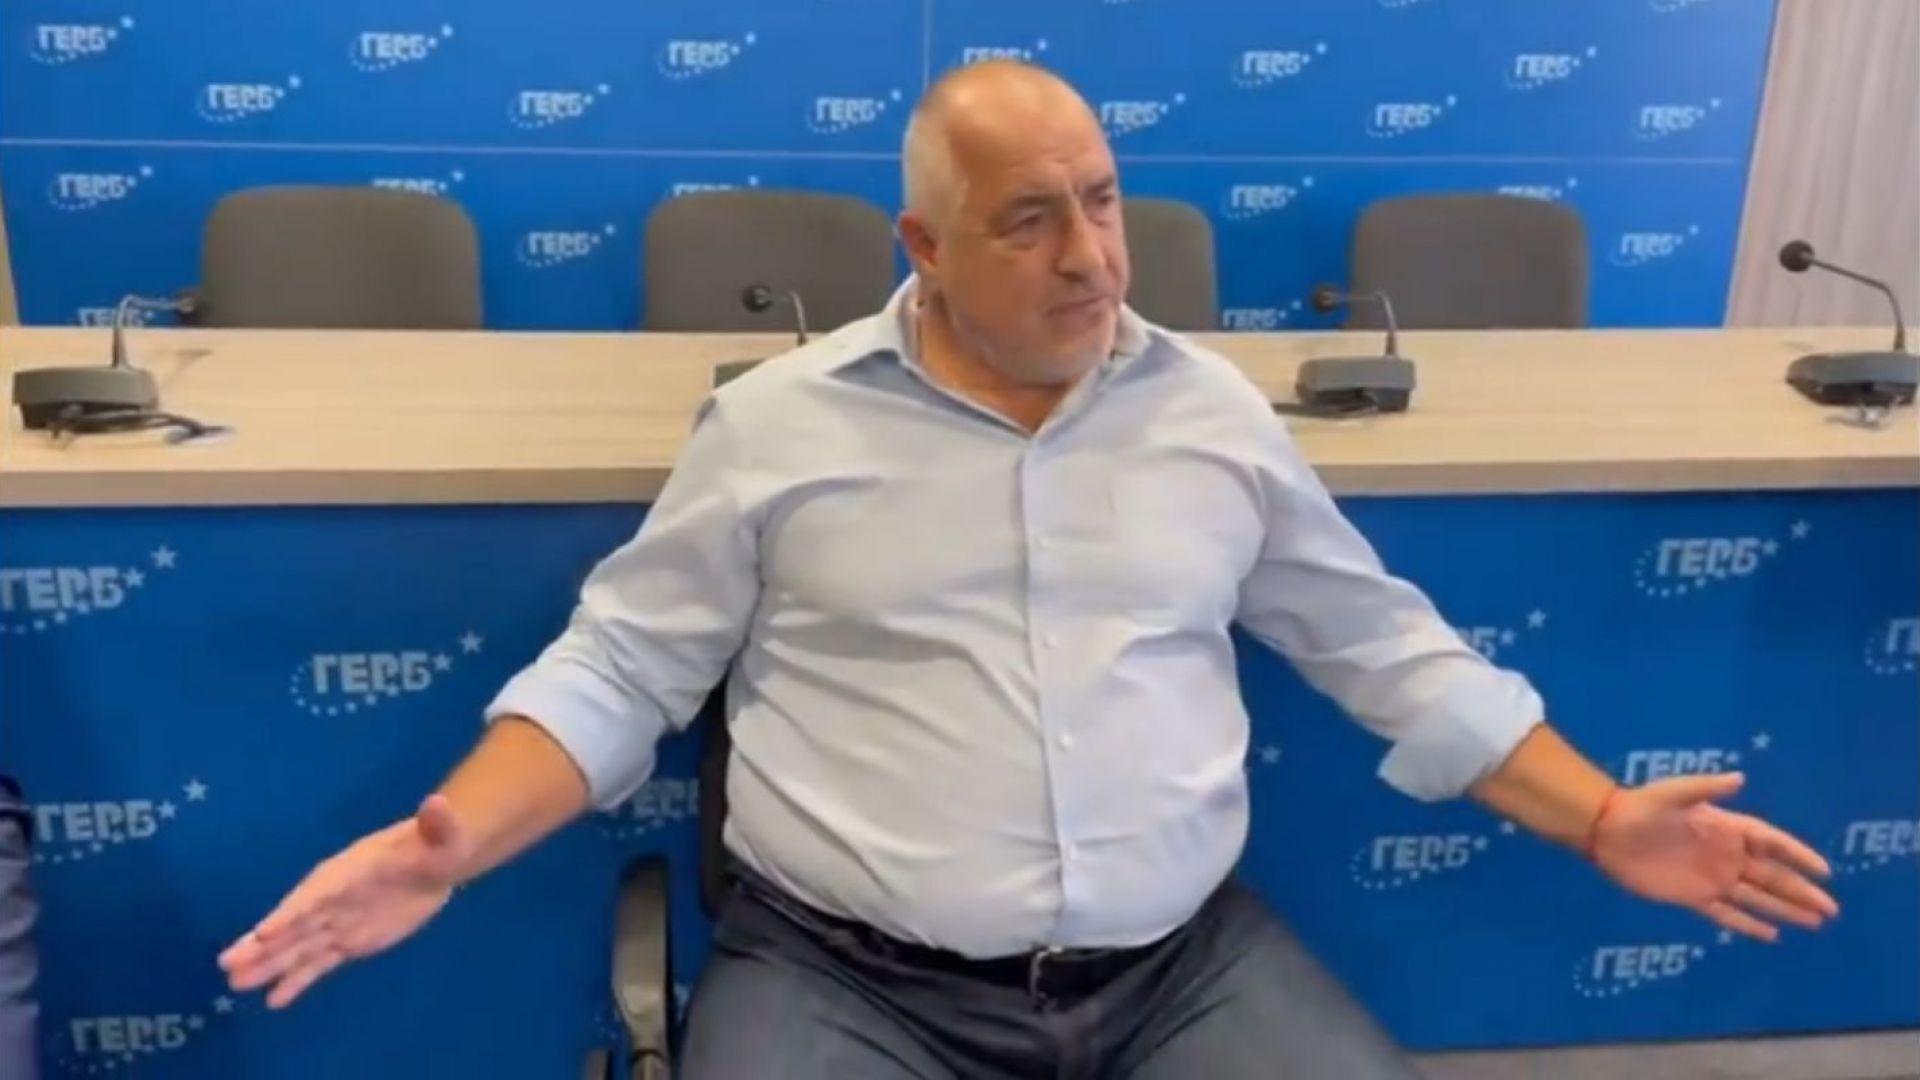 Бойко Борисов: Усещам, че това ще бъде първият манипулиран вот в България (видео)